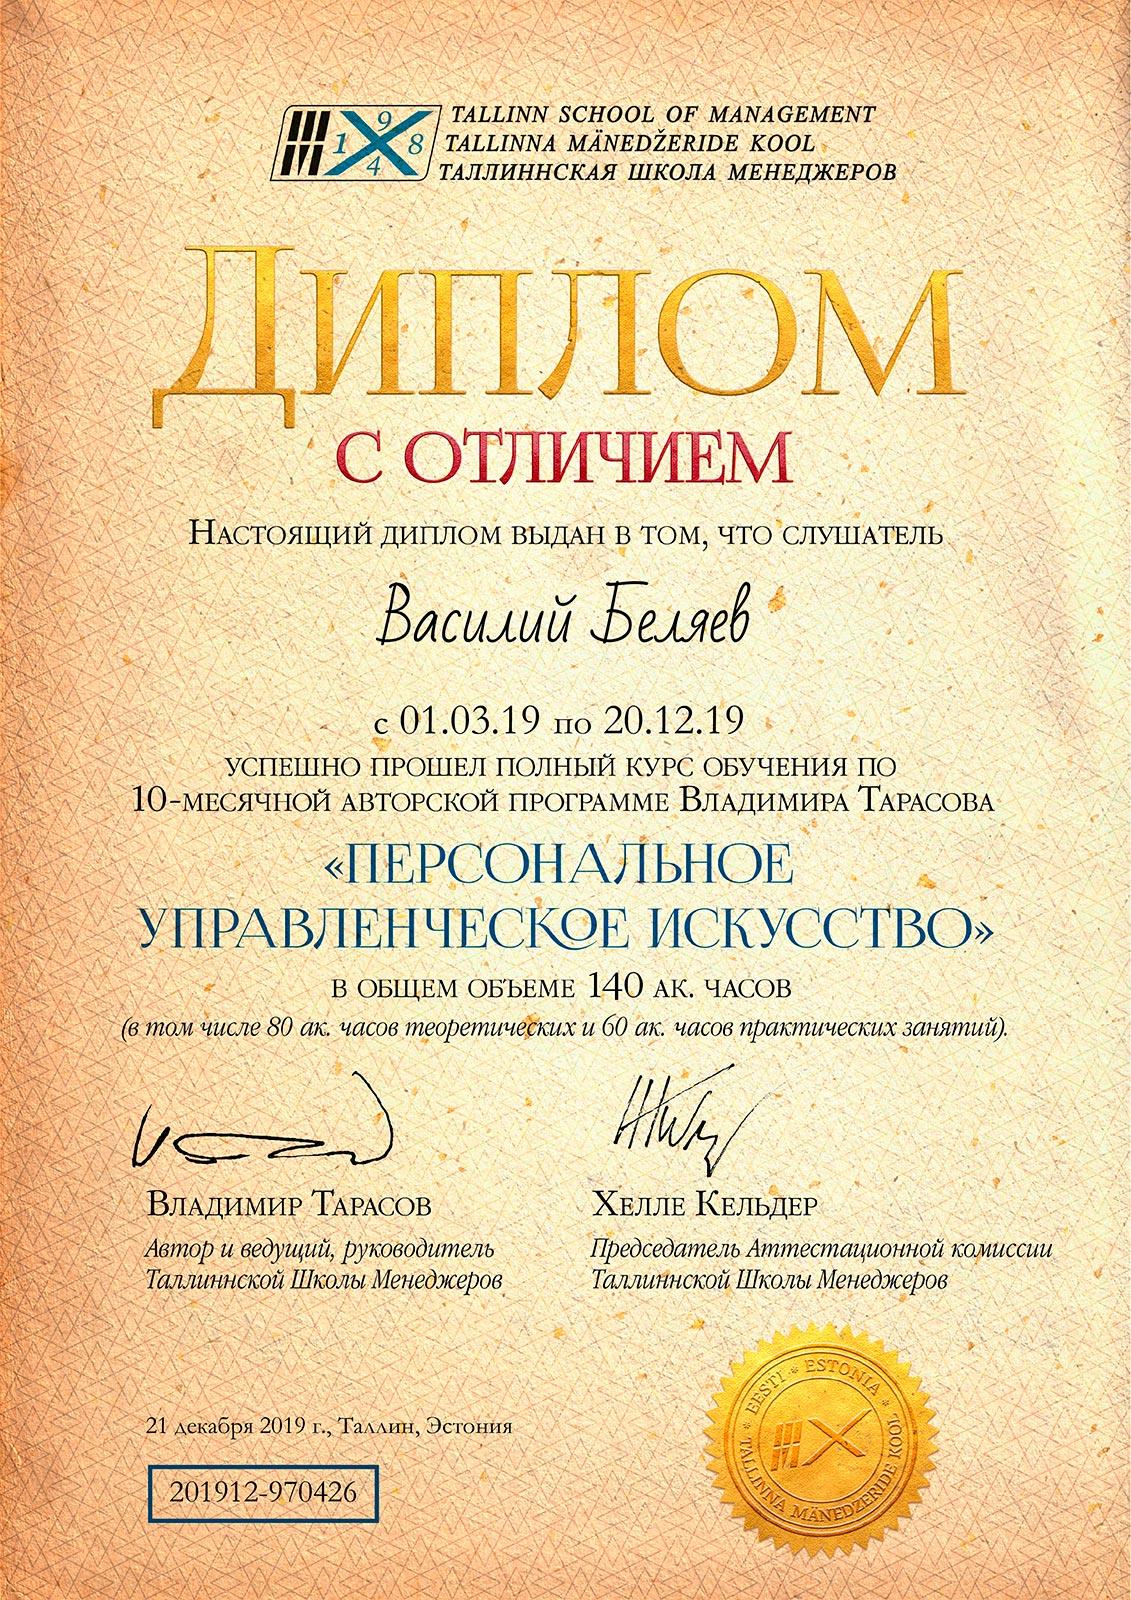 Диплом «Персональное управленческое искусство»